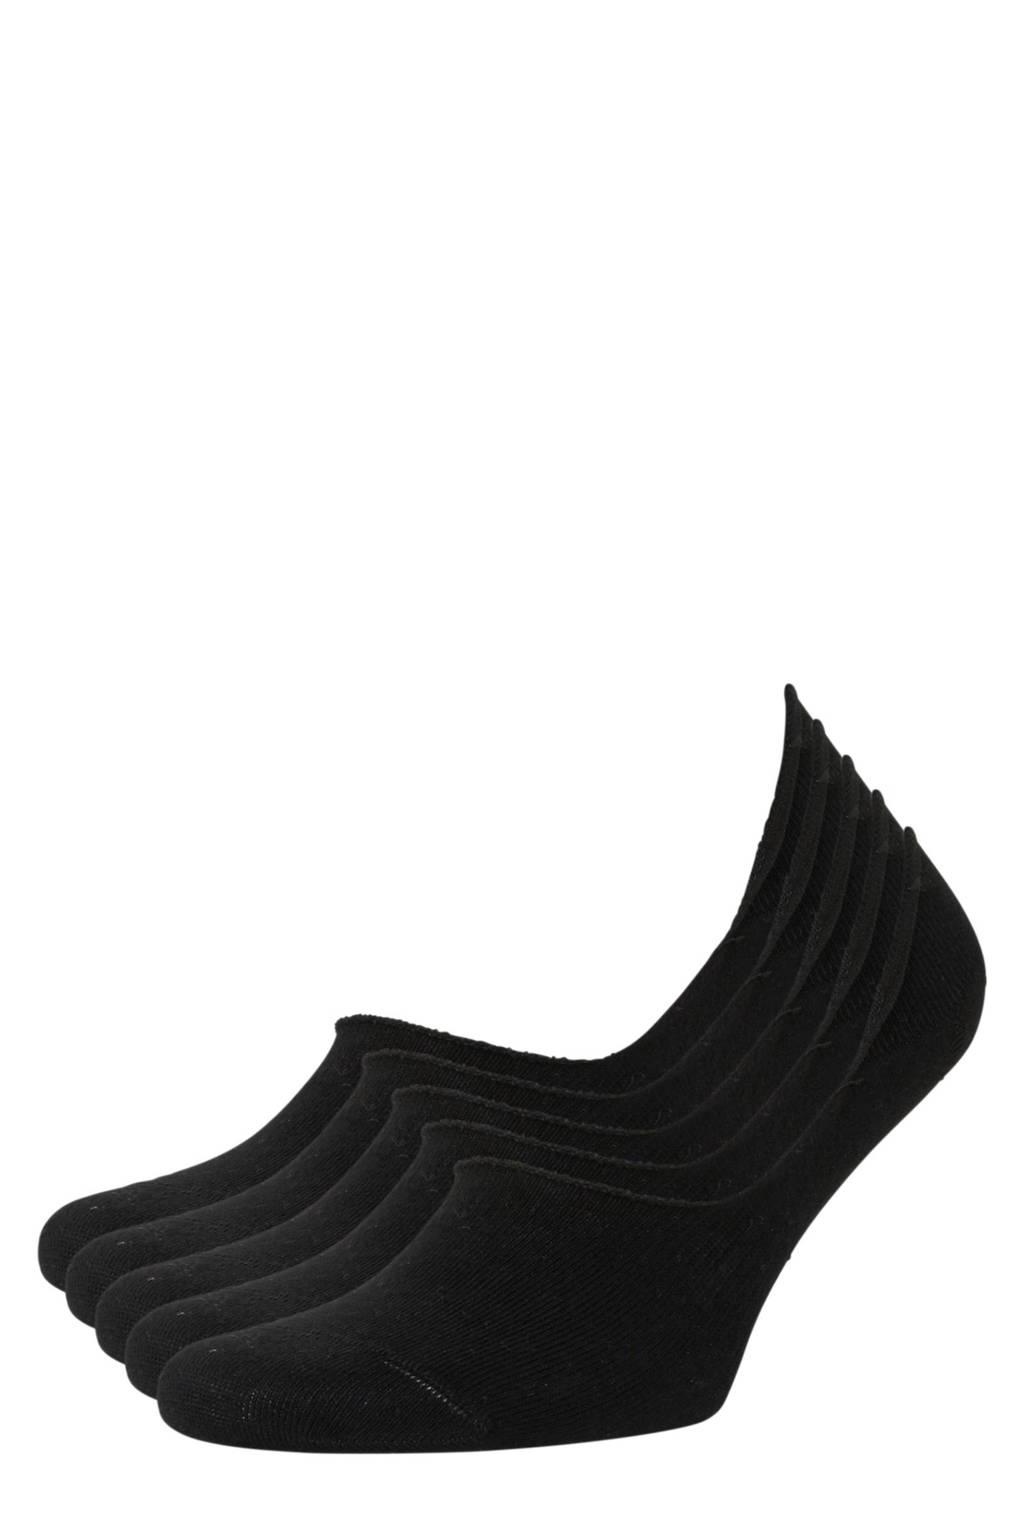 whkmp's own no-show sneakersokken - set van 5 zwart, Black